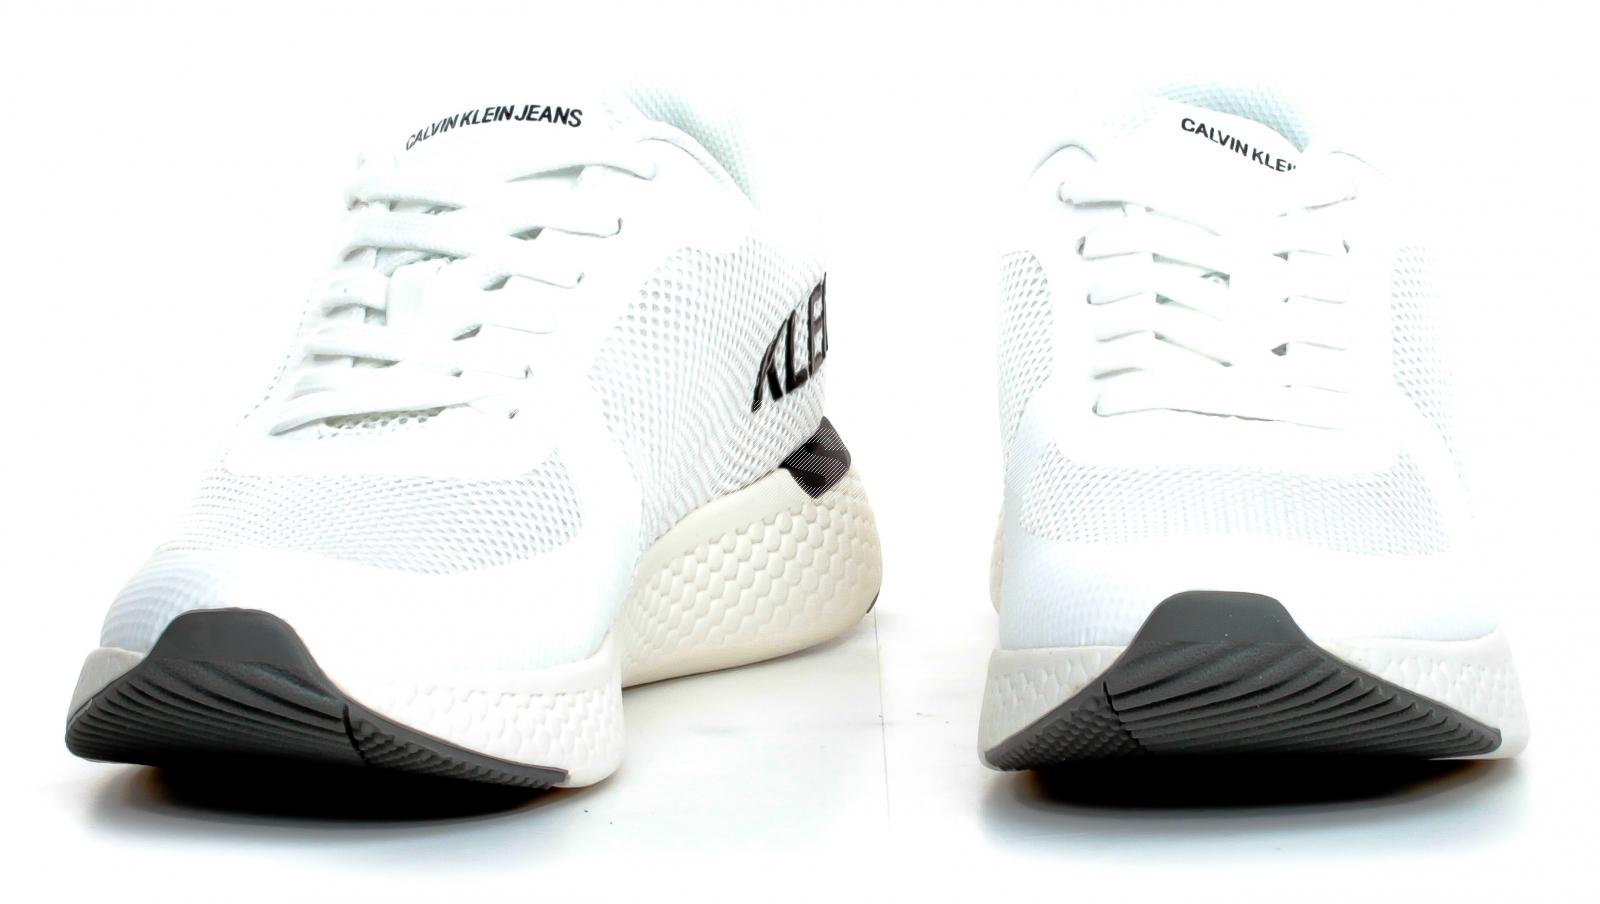 Buty sportowe męskie Calvin Klein Amos białe